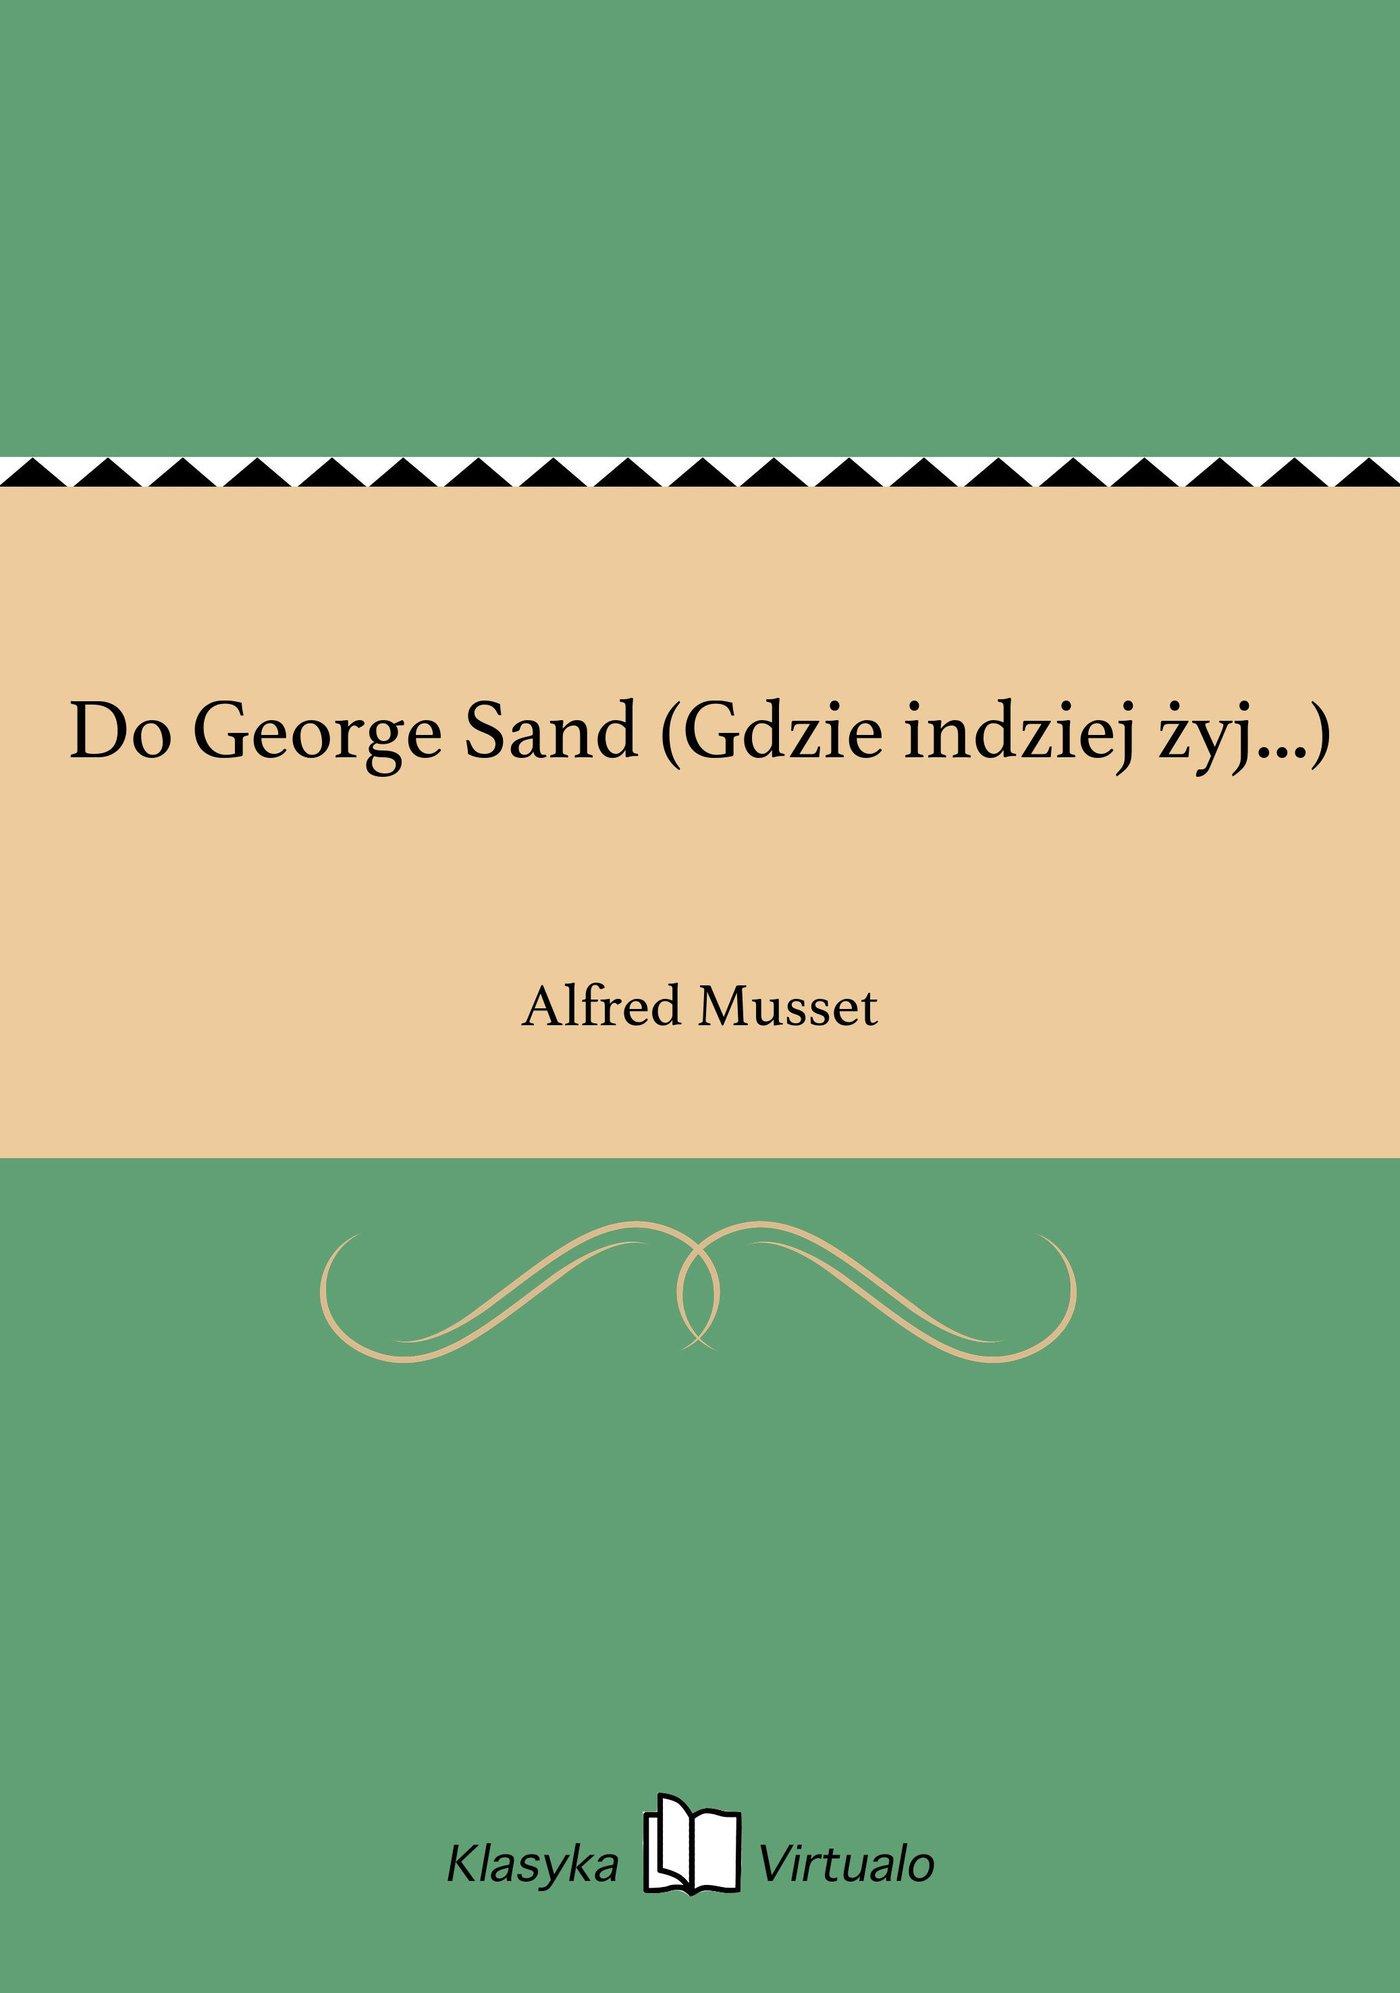 Do George Sand (Gdzie indziej żyj...) - Ebook (Książka na Kindle) do pobrania w formacie MOBI